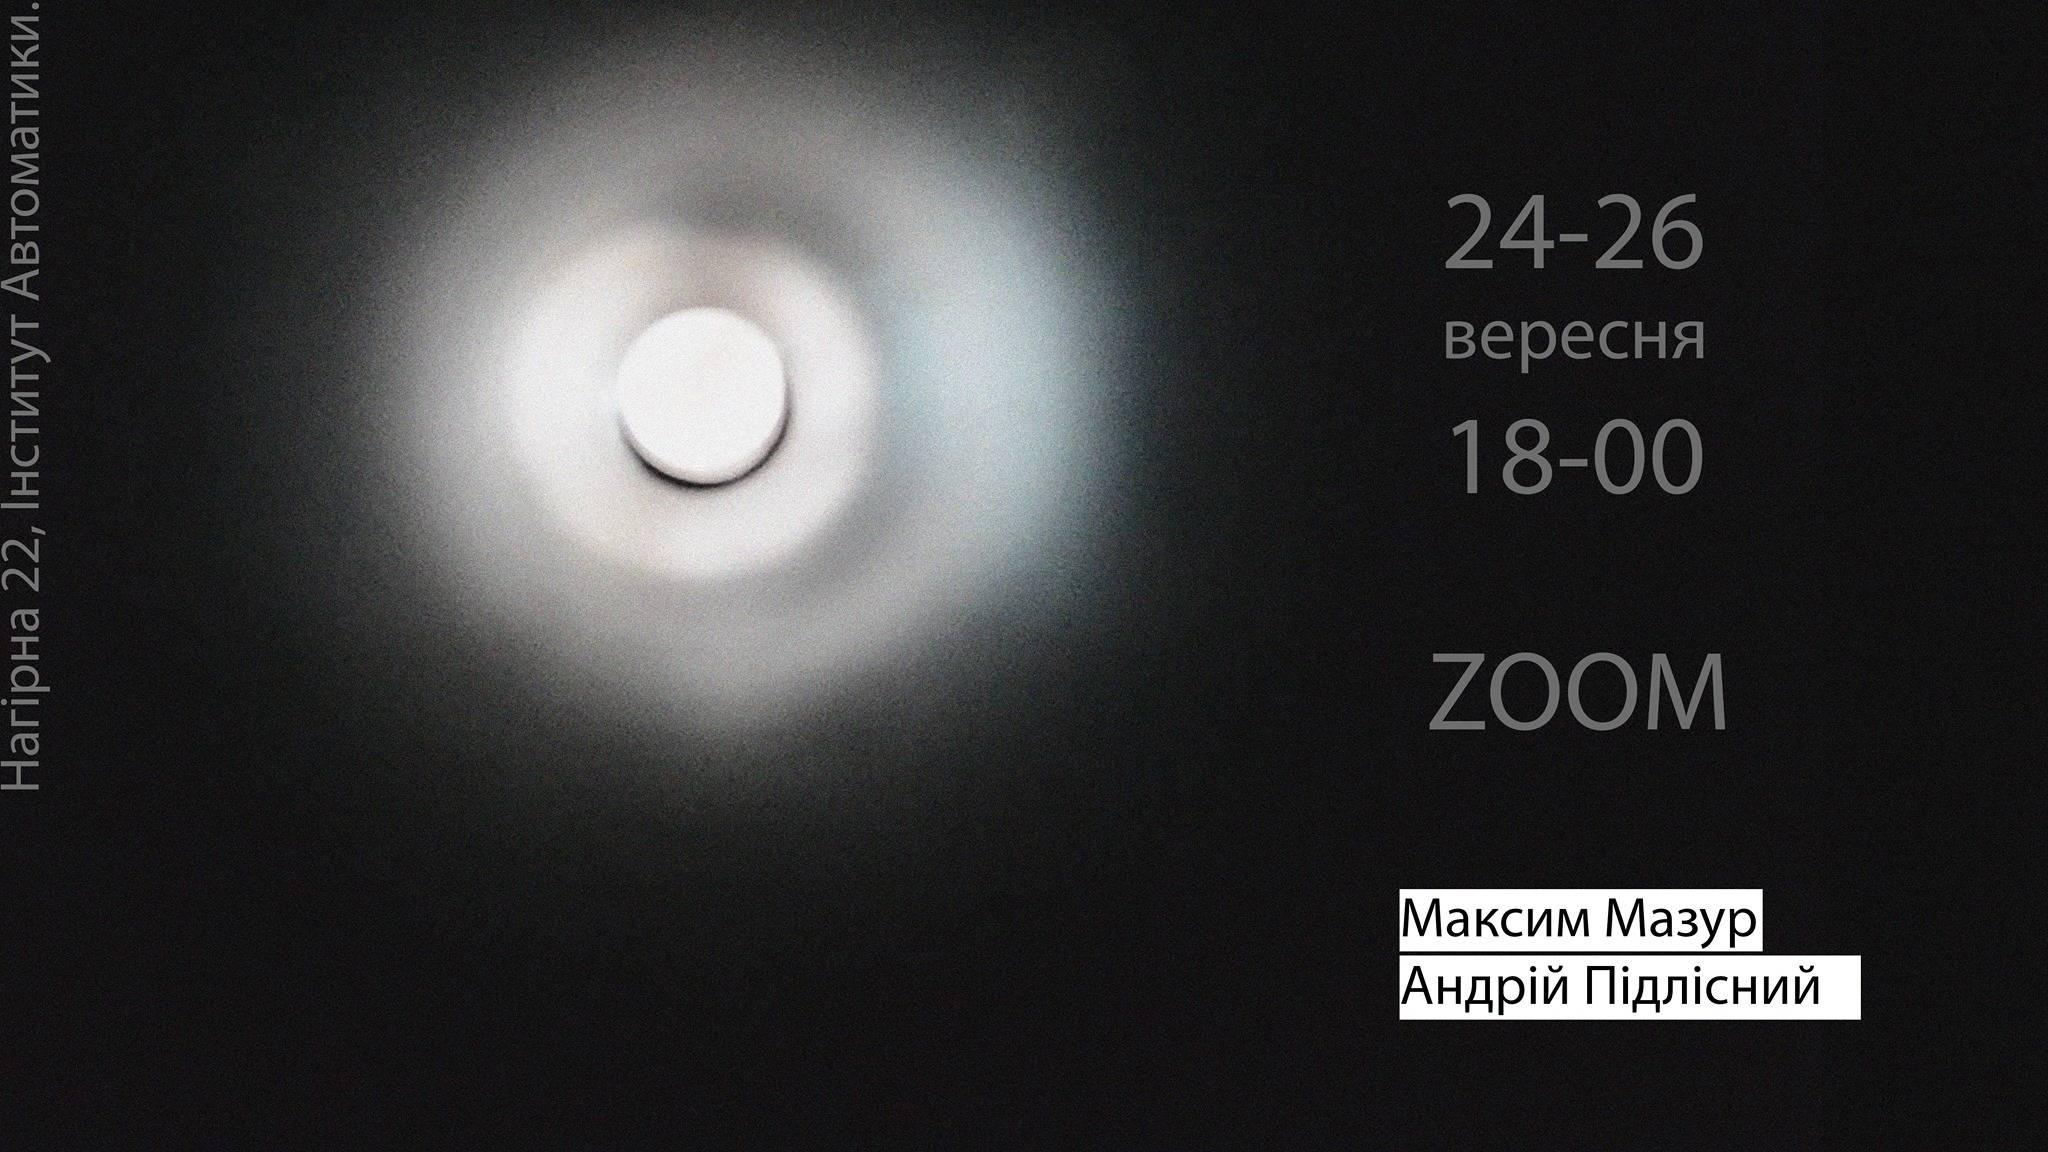 """Проєкт """"Zoom"""". Максим Мазур, Андрій Підлісний в Інституті Автоматики"""